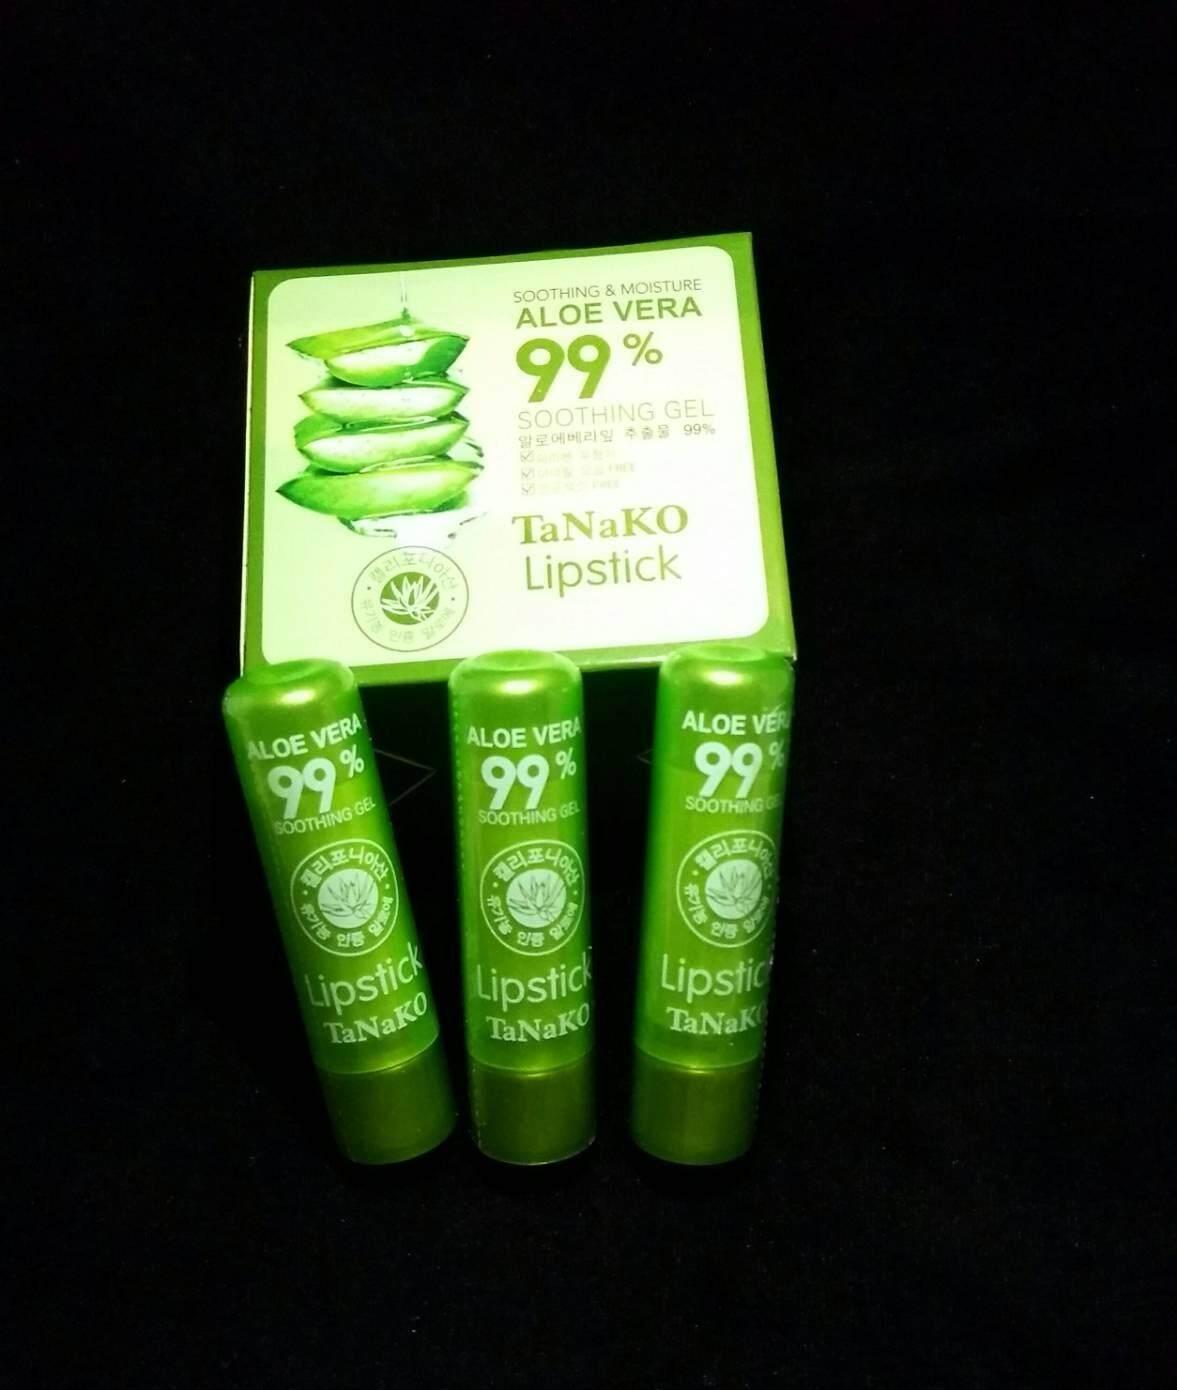 ( 3 แท่ง) ลิปว่าน ลิปว่านหางจระเข้ 99% ลิปเปลี่ยนสีชมพู Tanako Aloe Vera Soothing gel aloe vera 99%